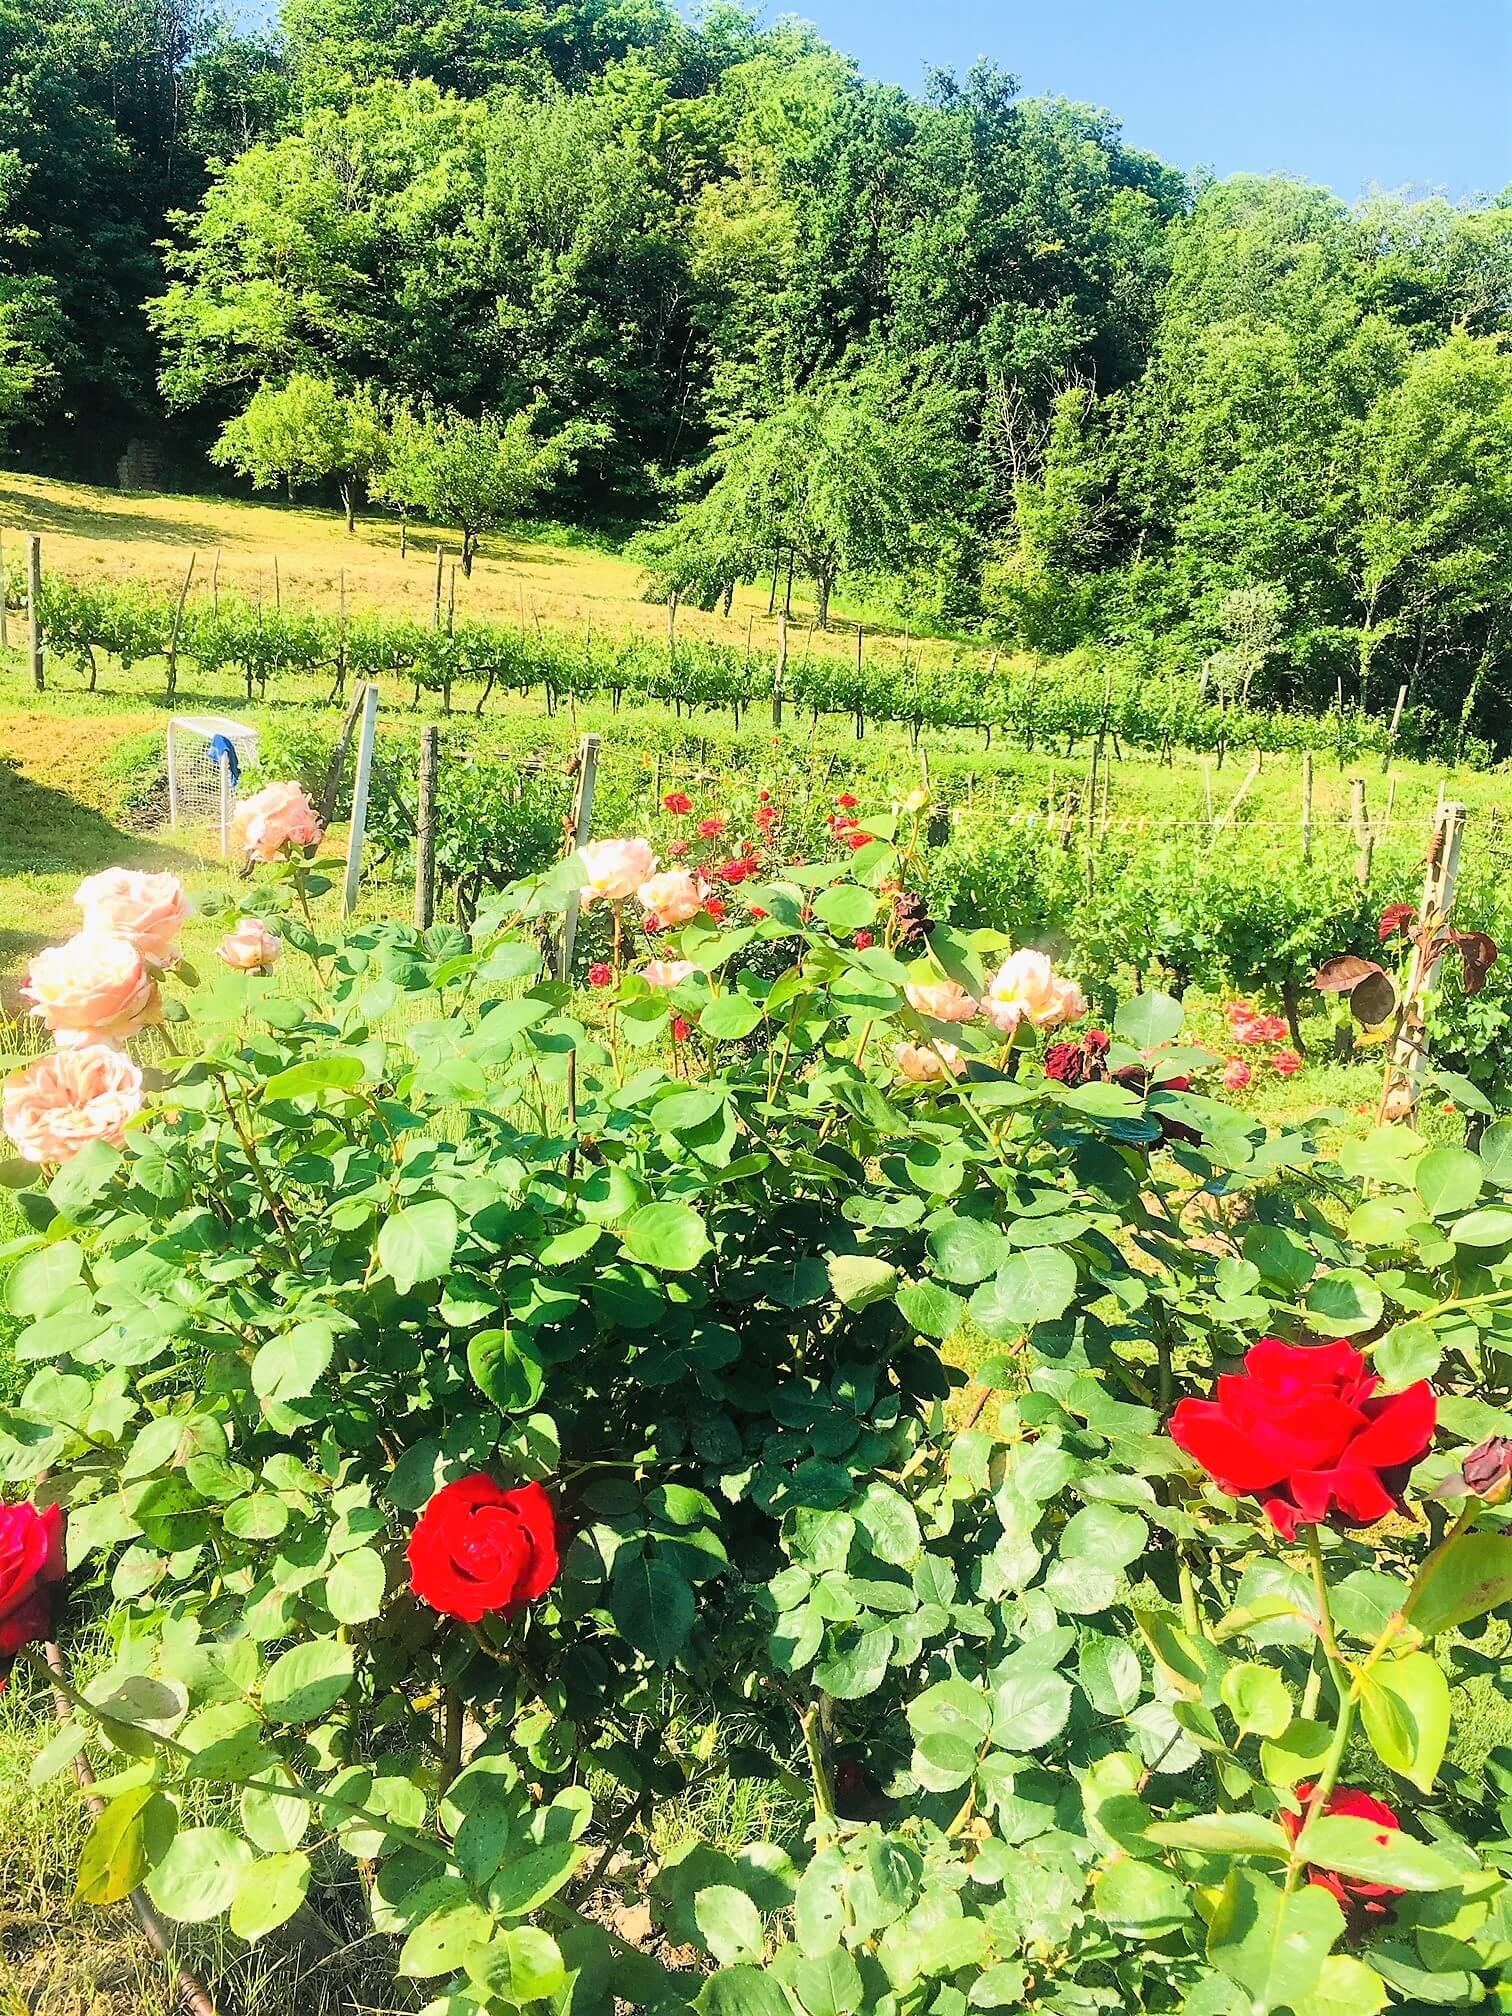 Det har regnet mye og ofte her på vingården i Italia de siste ukene. I år ser det ut at det er for mye vann for druene og vinstokkene - i kontrast til fjorårets sesong som var alt for tørr og varm. Det er bare å sette i gang med tiltak mot råte, sopp og sykdommer.